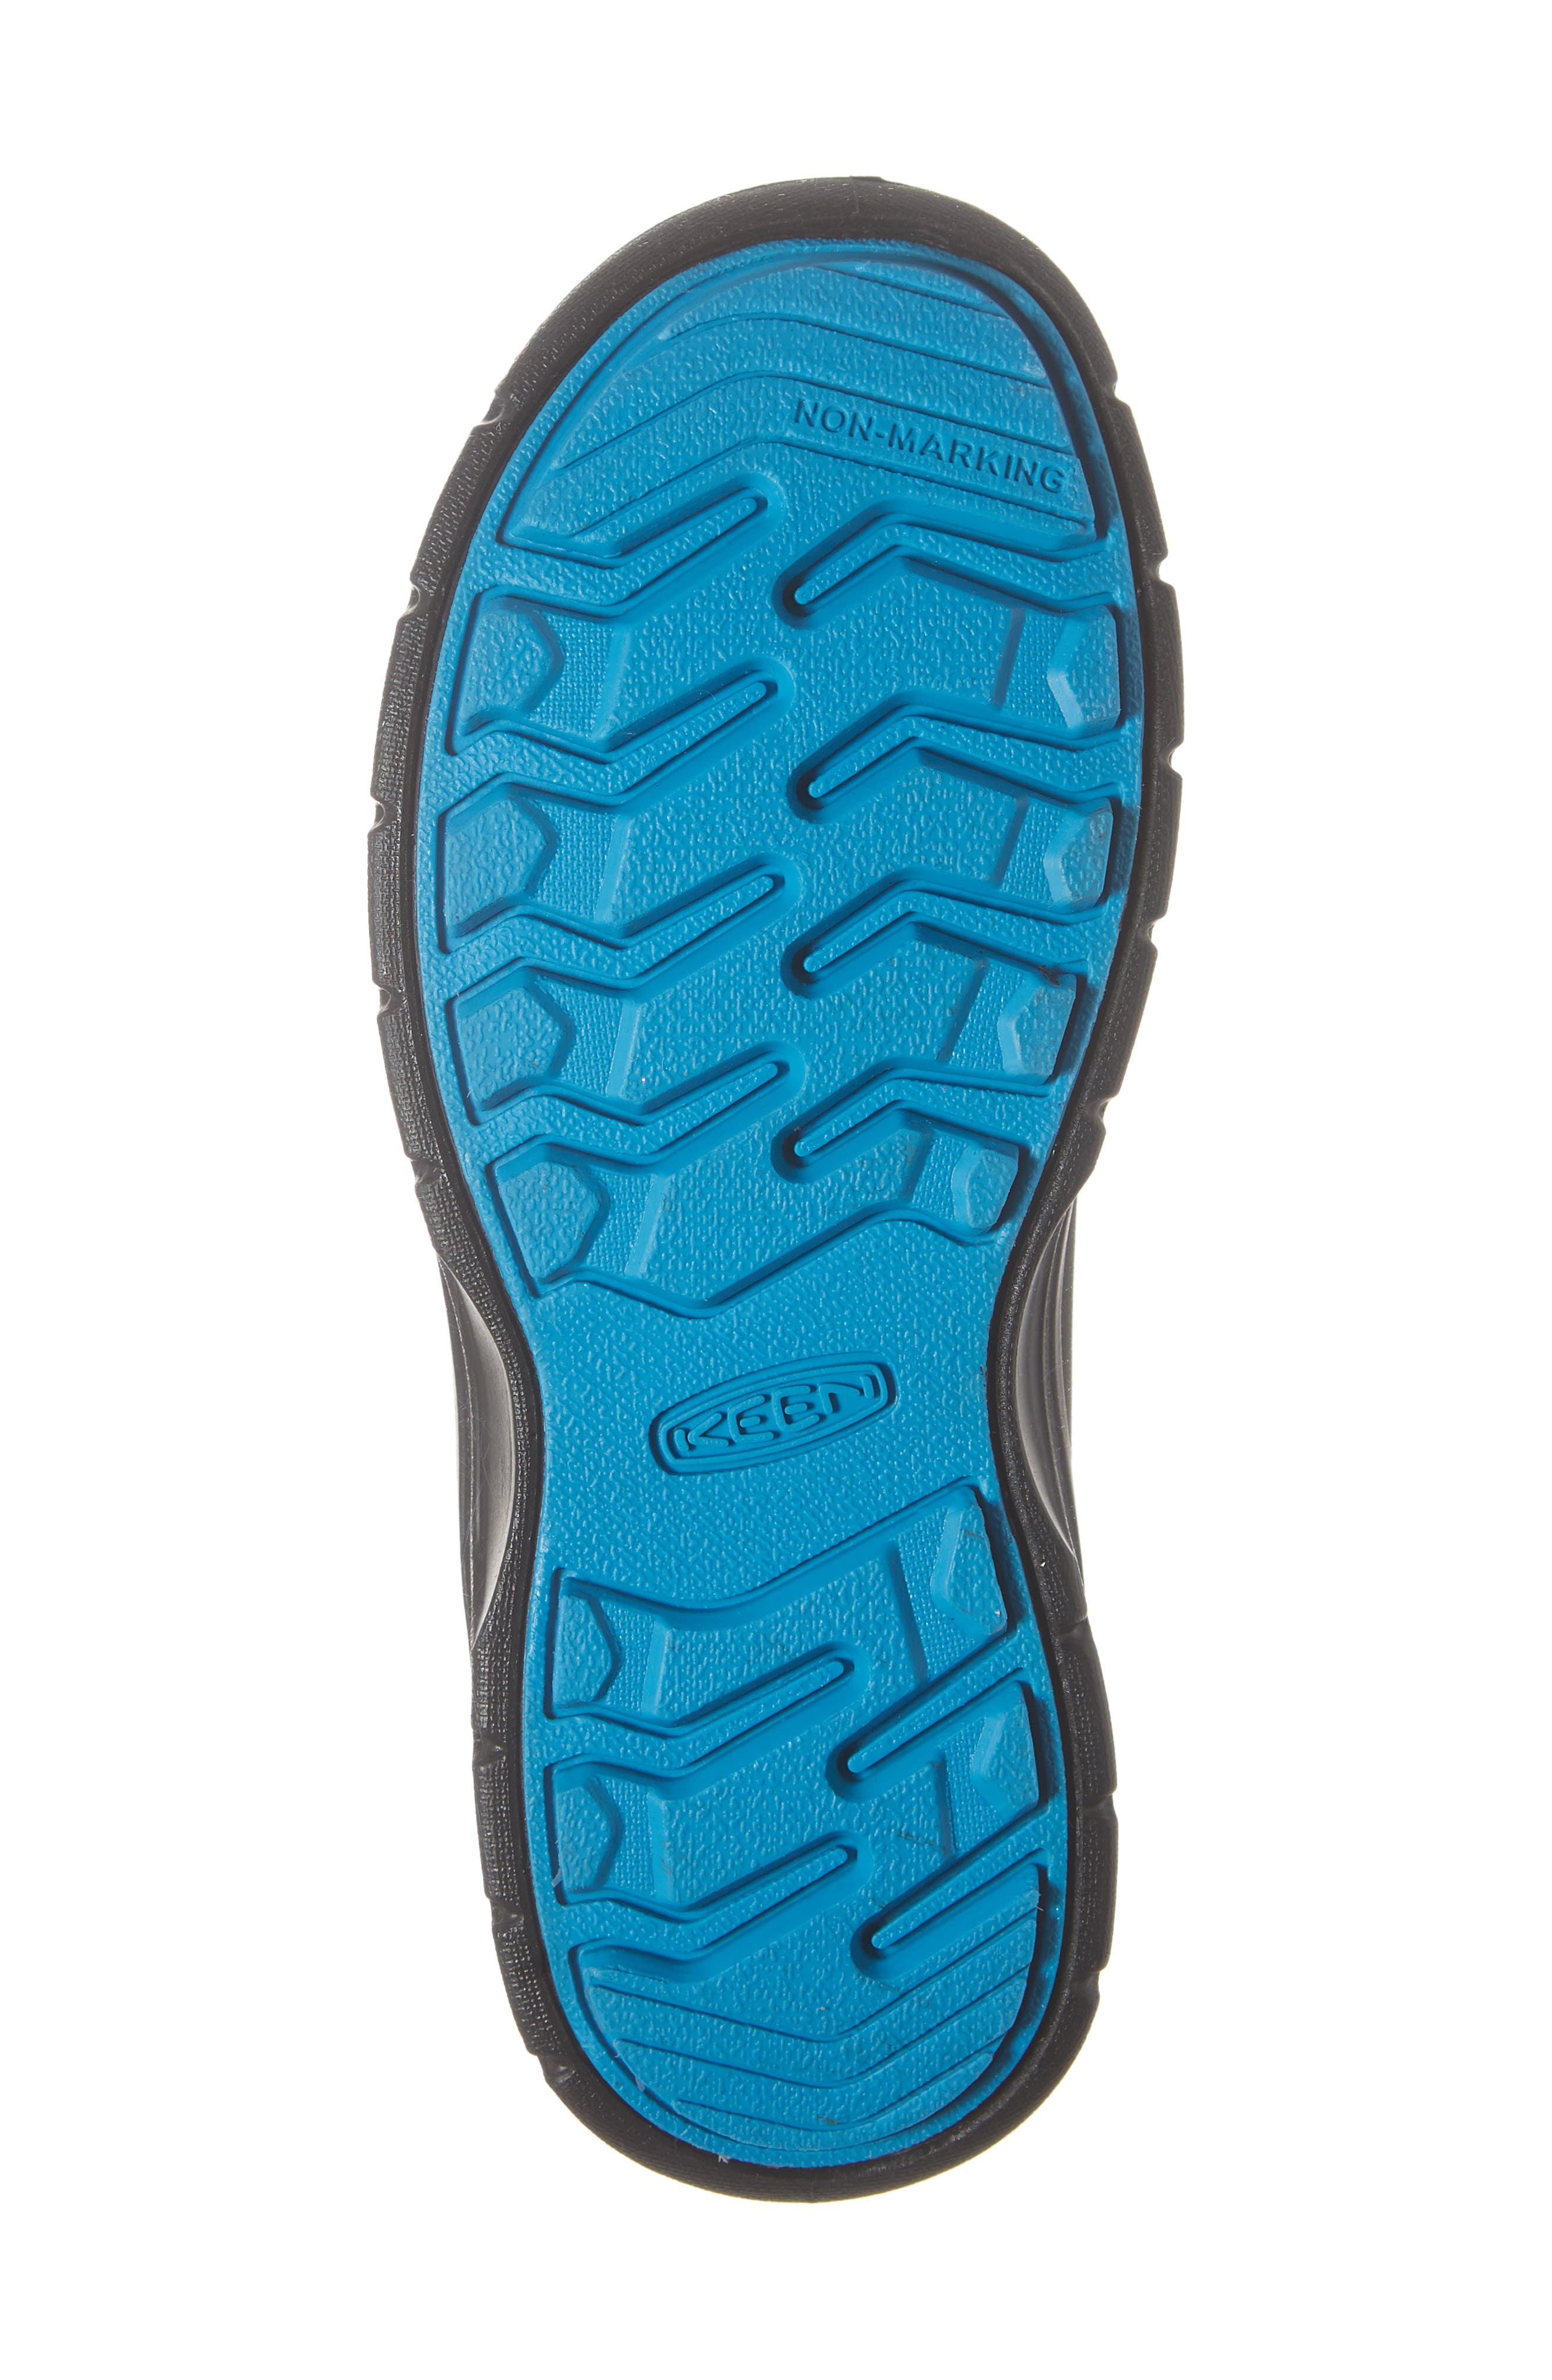 Hikeport Waterproof Sneaker,                             Alternate thumbnail 6, color,                             MAGNET/ GREENERY/ GREENERY